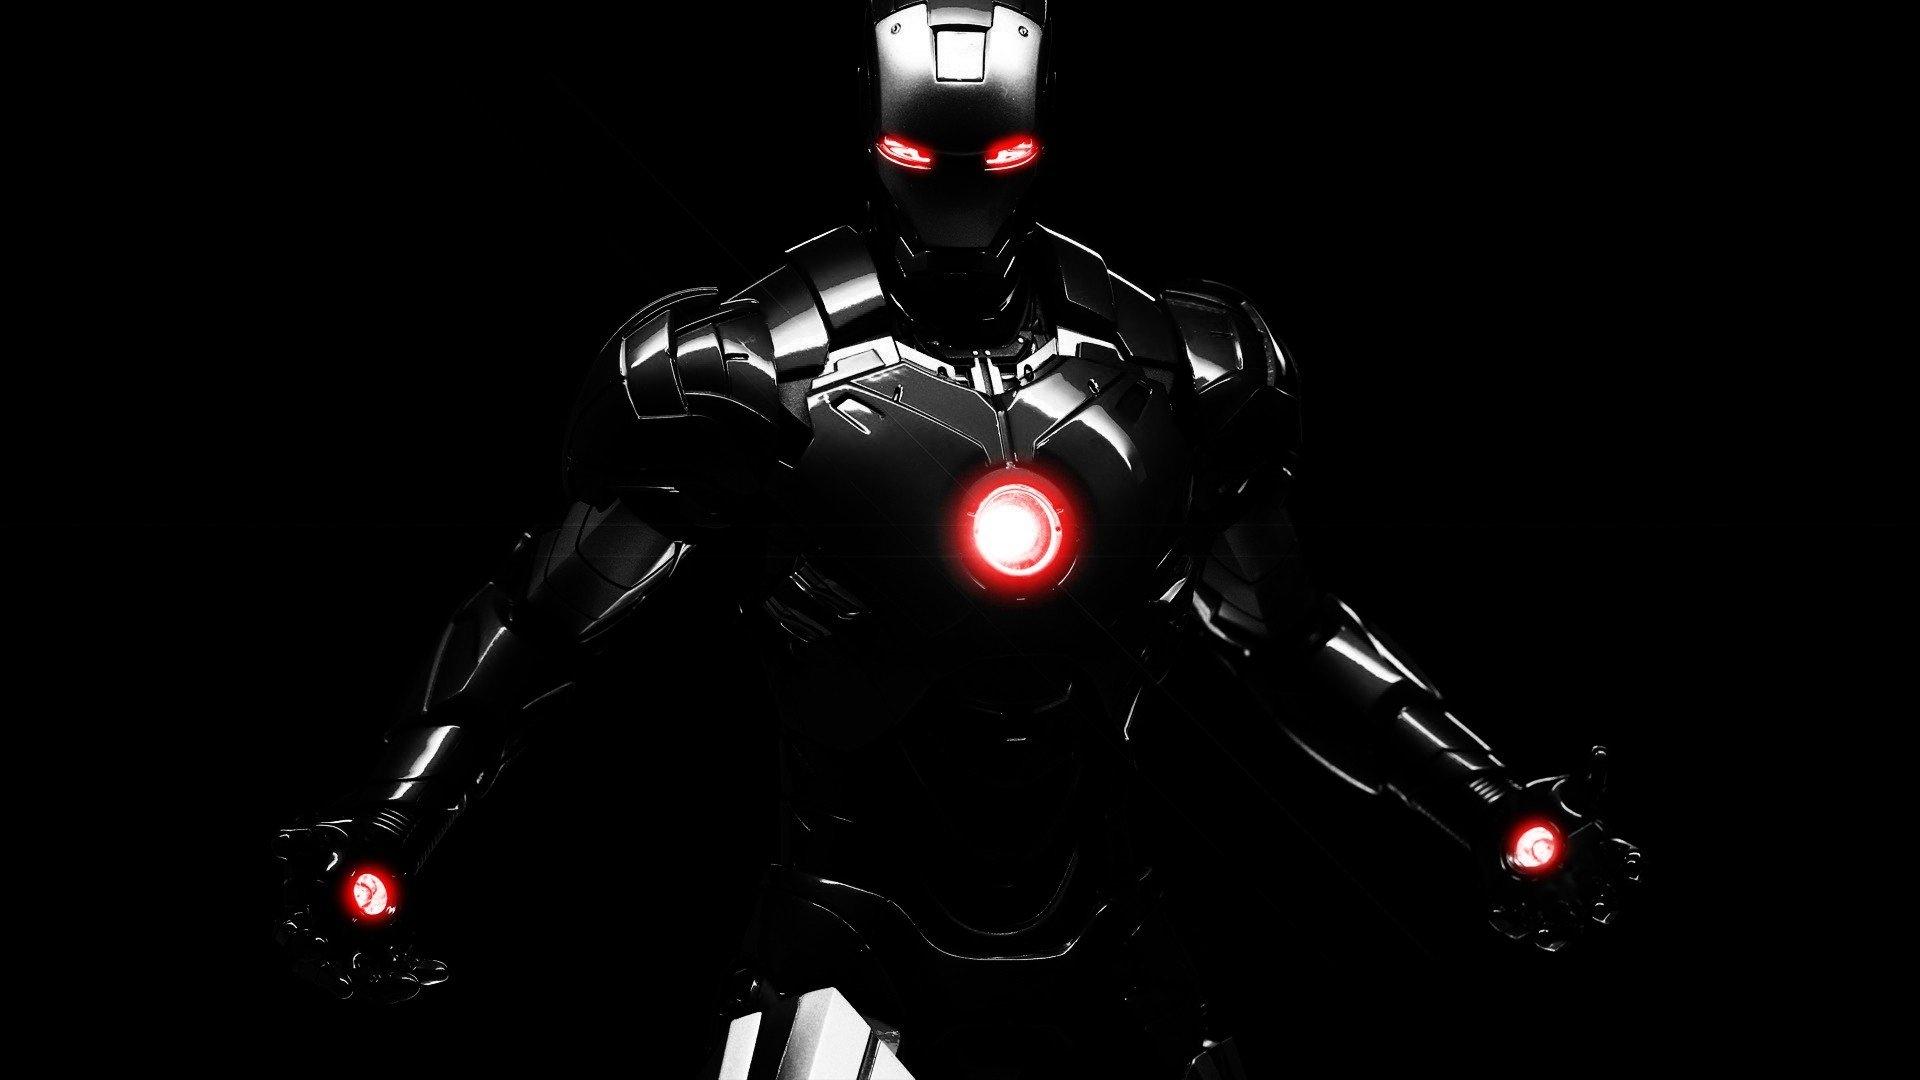 black iron man best hd wallpapers - wallpapersfans